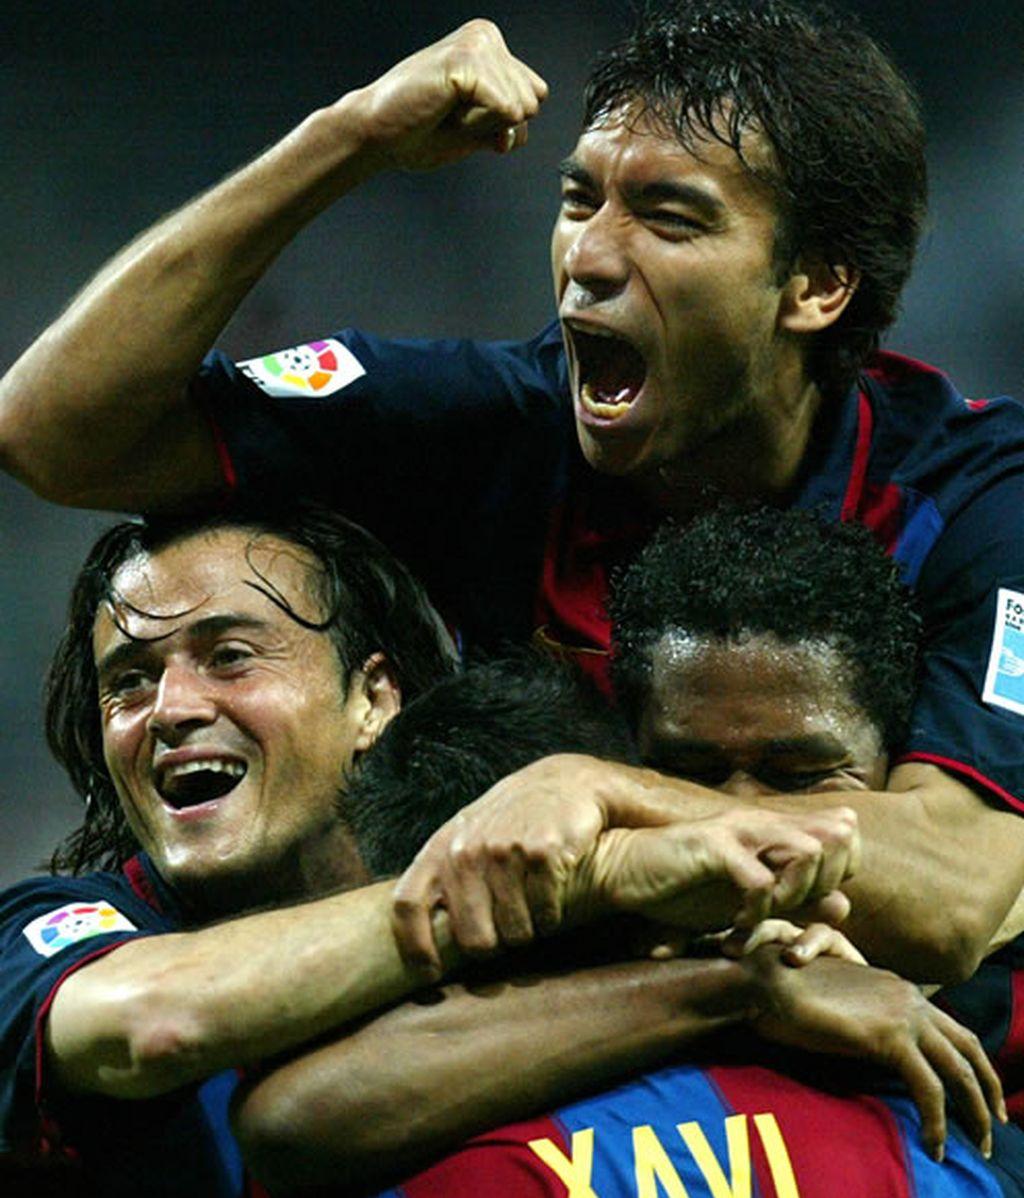 En abril del 2004 Xavi marca un gol y sus compañeros le rodean para celebrarlo